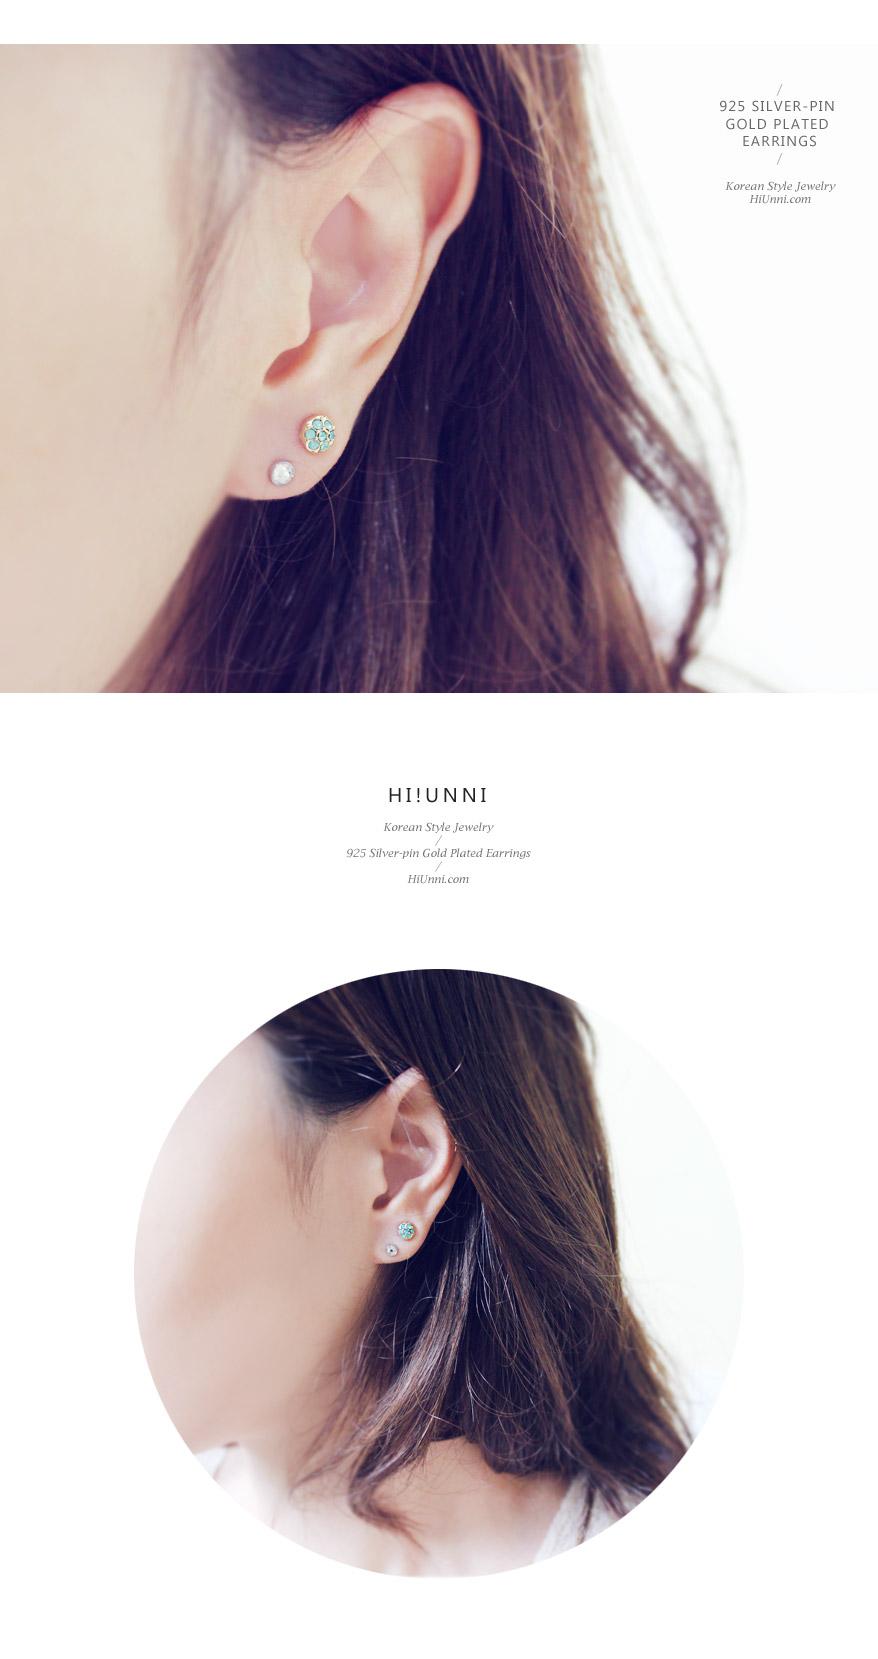 accessories_ear_stud_earrings_korean_asian-style_Crystal_Swarovski_925-silver_14KGP_Nickel-Free_Turquoise_indian_3